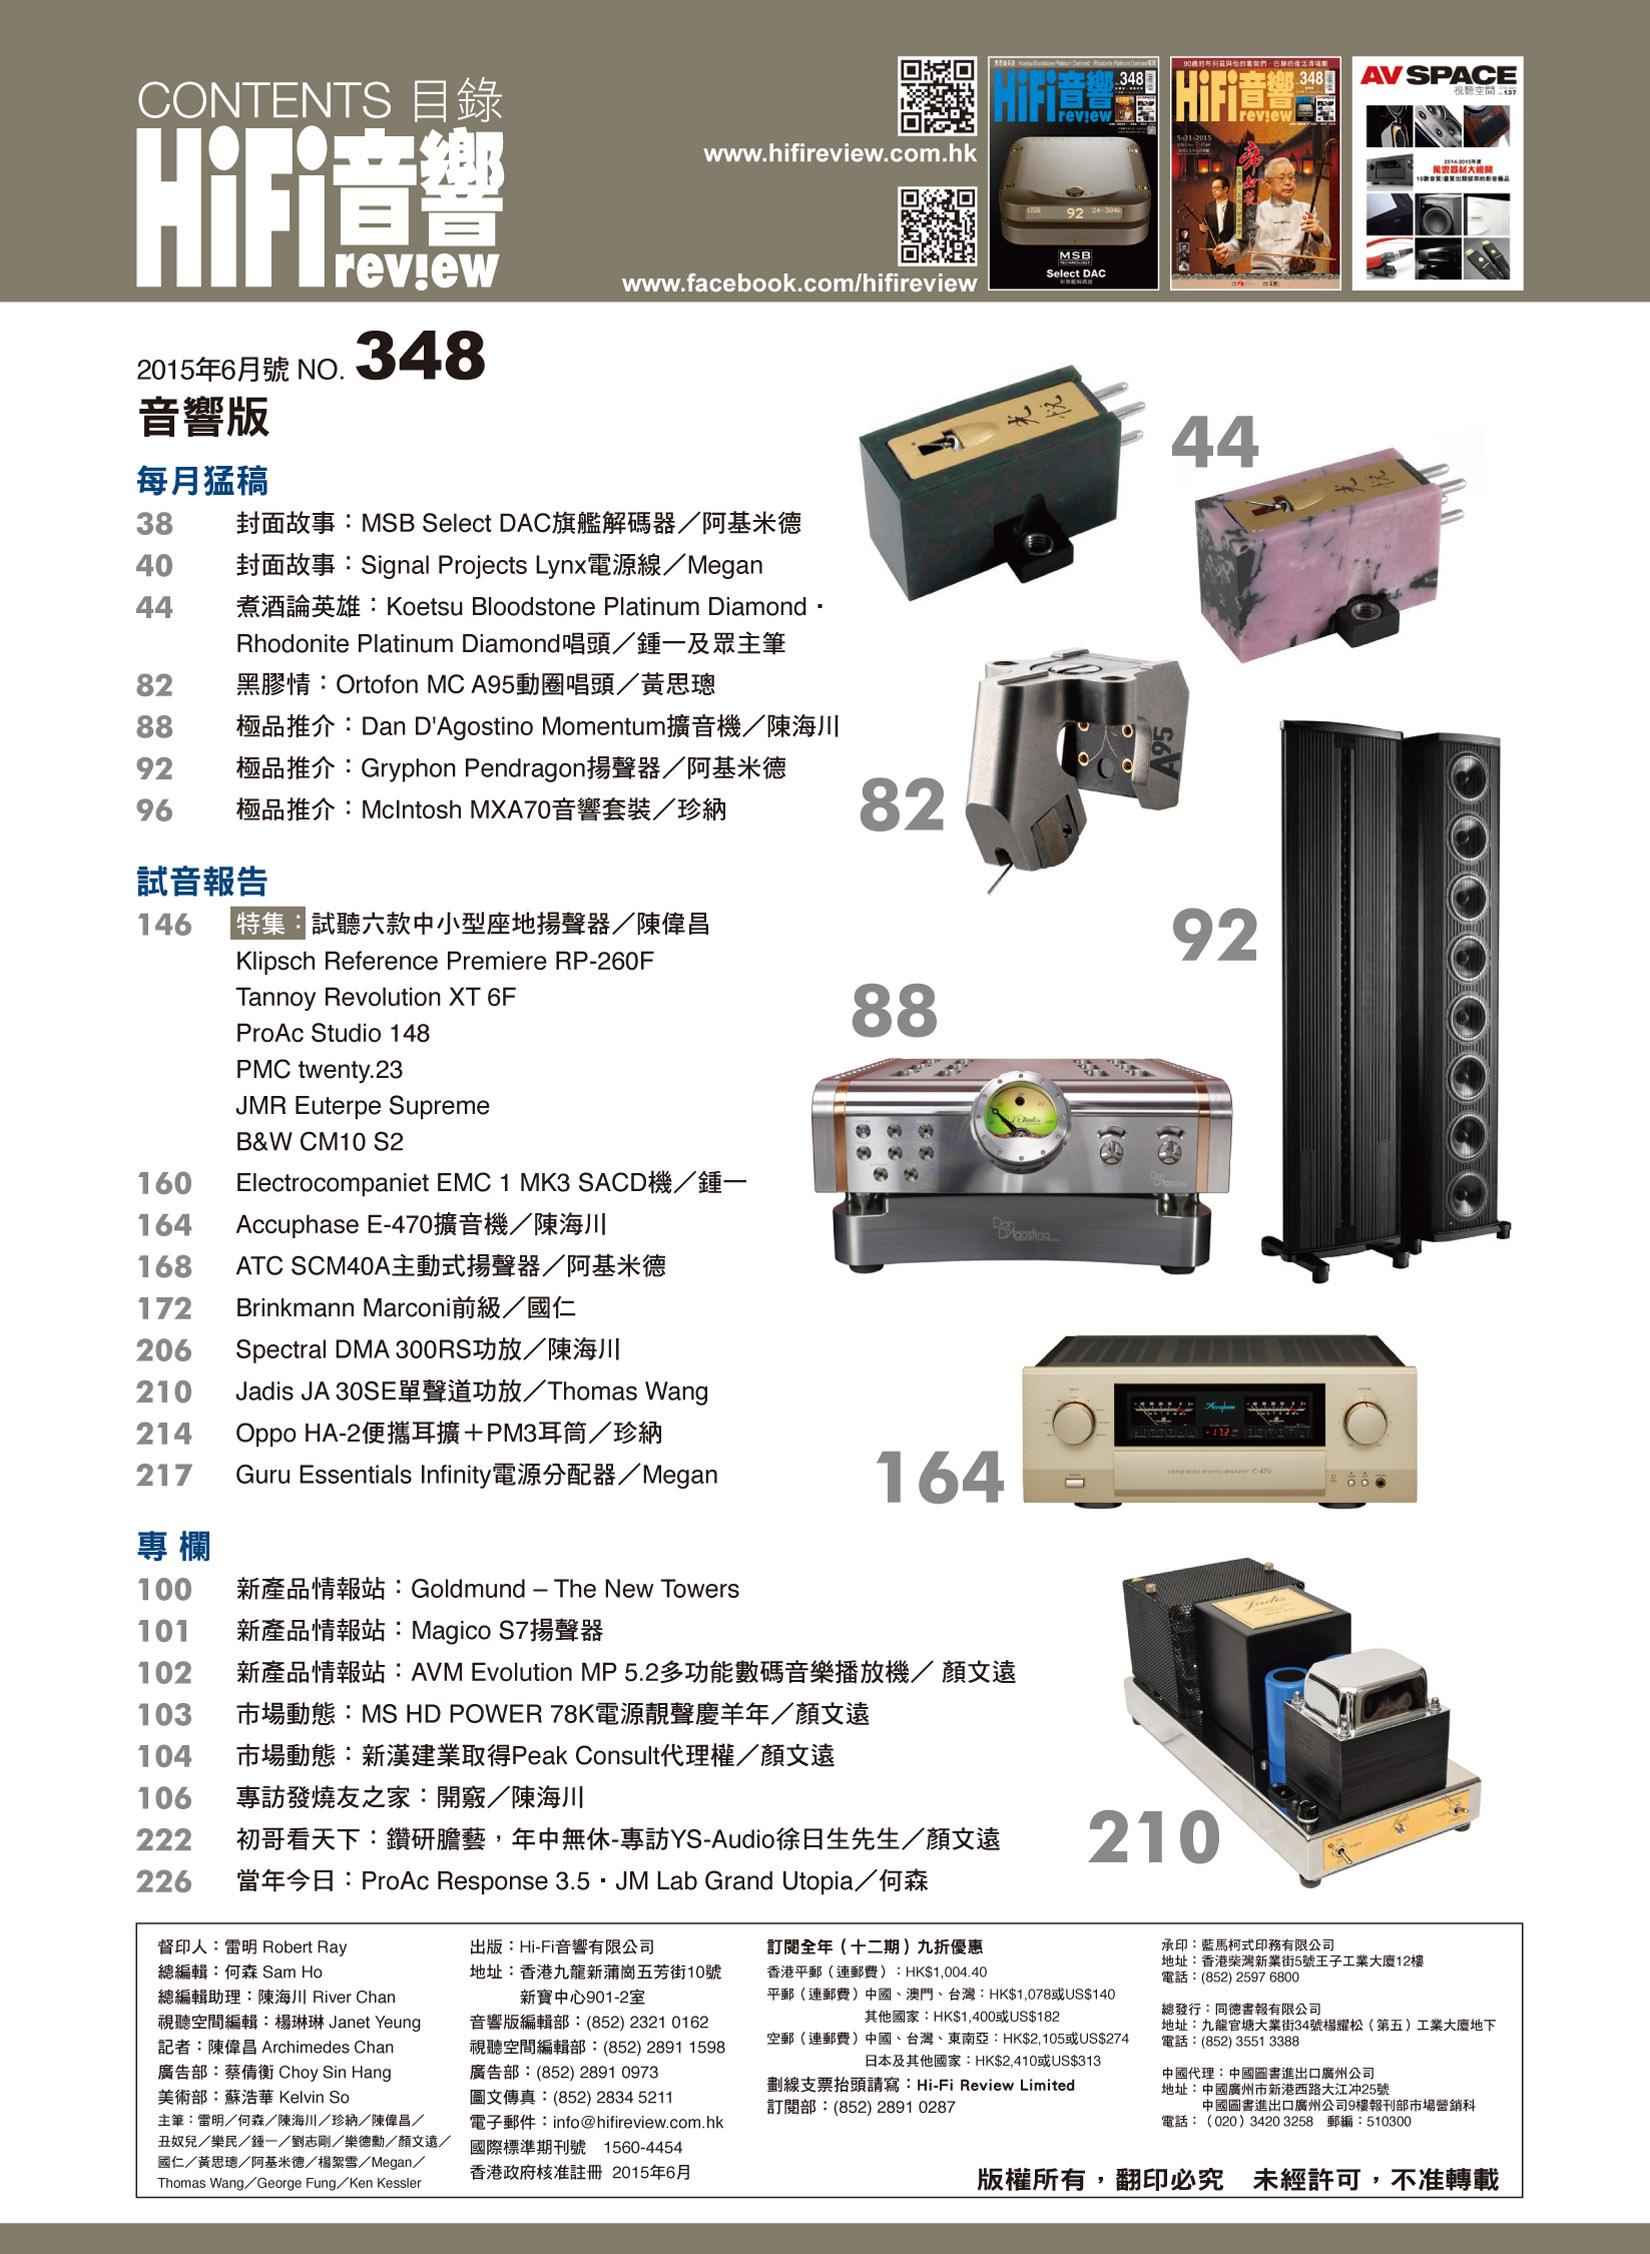 issue 348 Audio P2